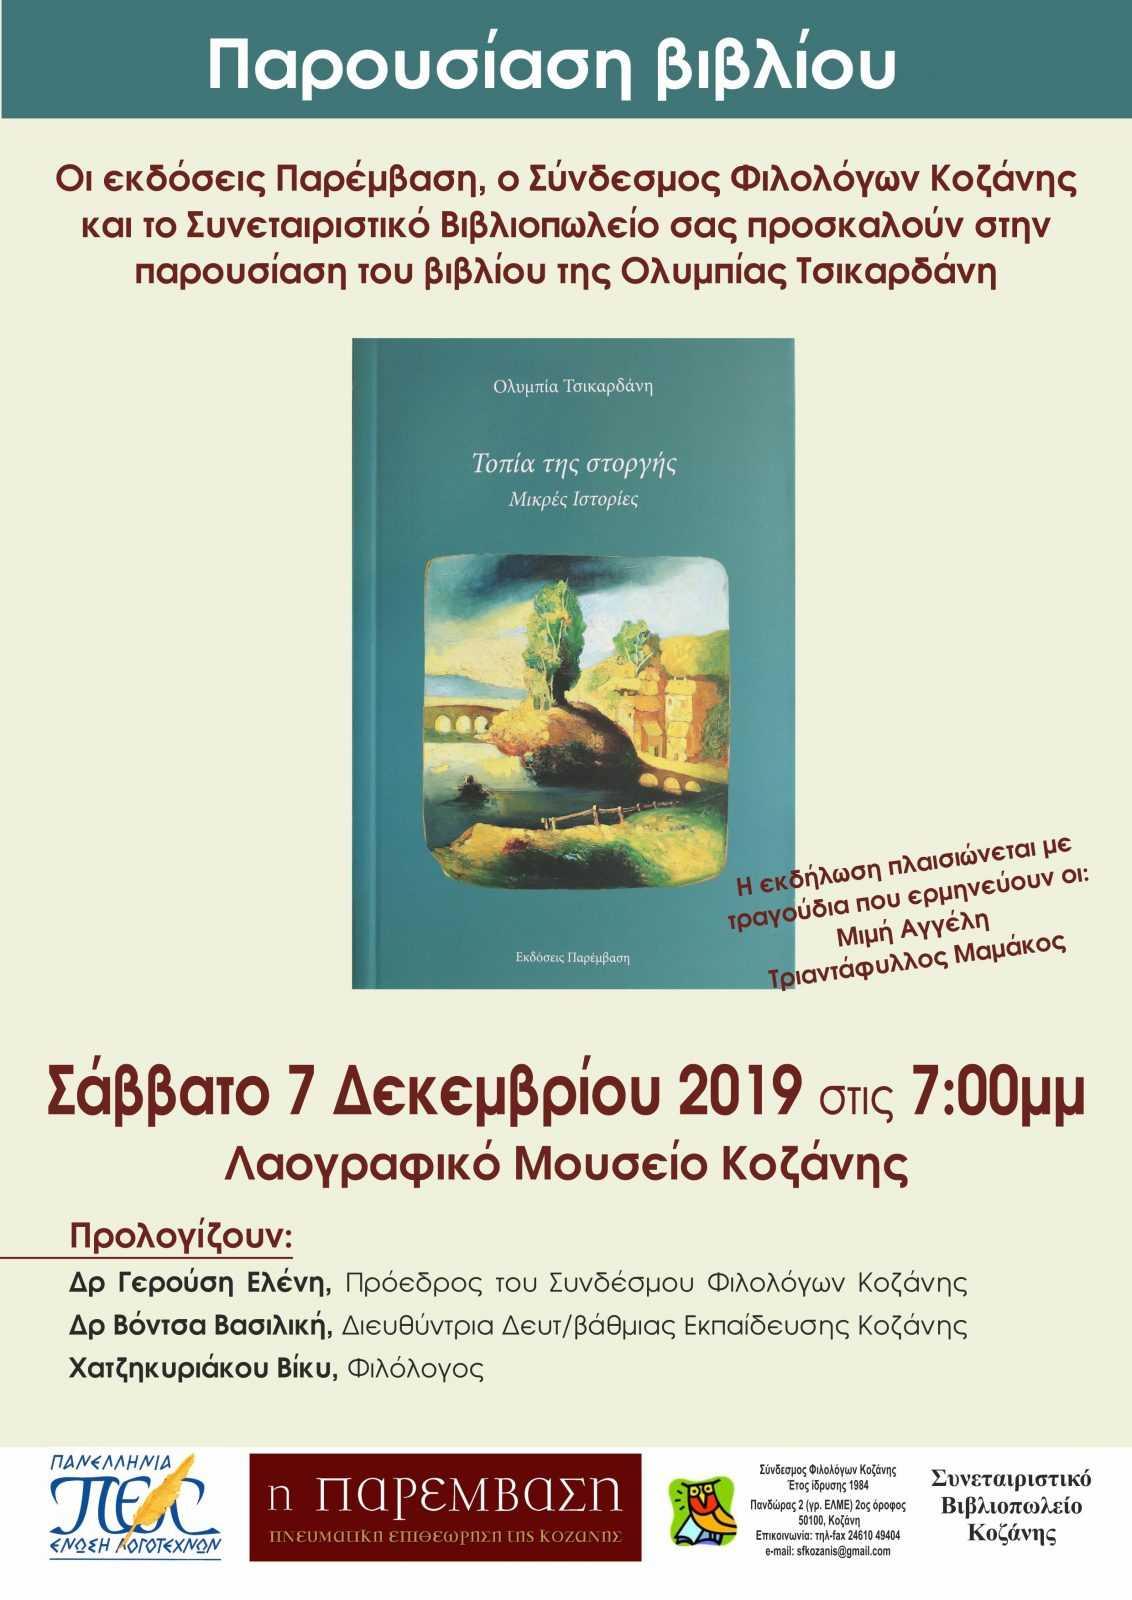 Παρουσίαση του βιβλίου της Ολυμπίας Τσικαρδάνη «Τοπία της στοργής, Μικρές Ιστορίες» στο Λαογραφικό Μουσείο Κοζάνης, το Σάββατο 7 Δεκεμβρίου 2019, στις 7 µ.µ.